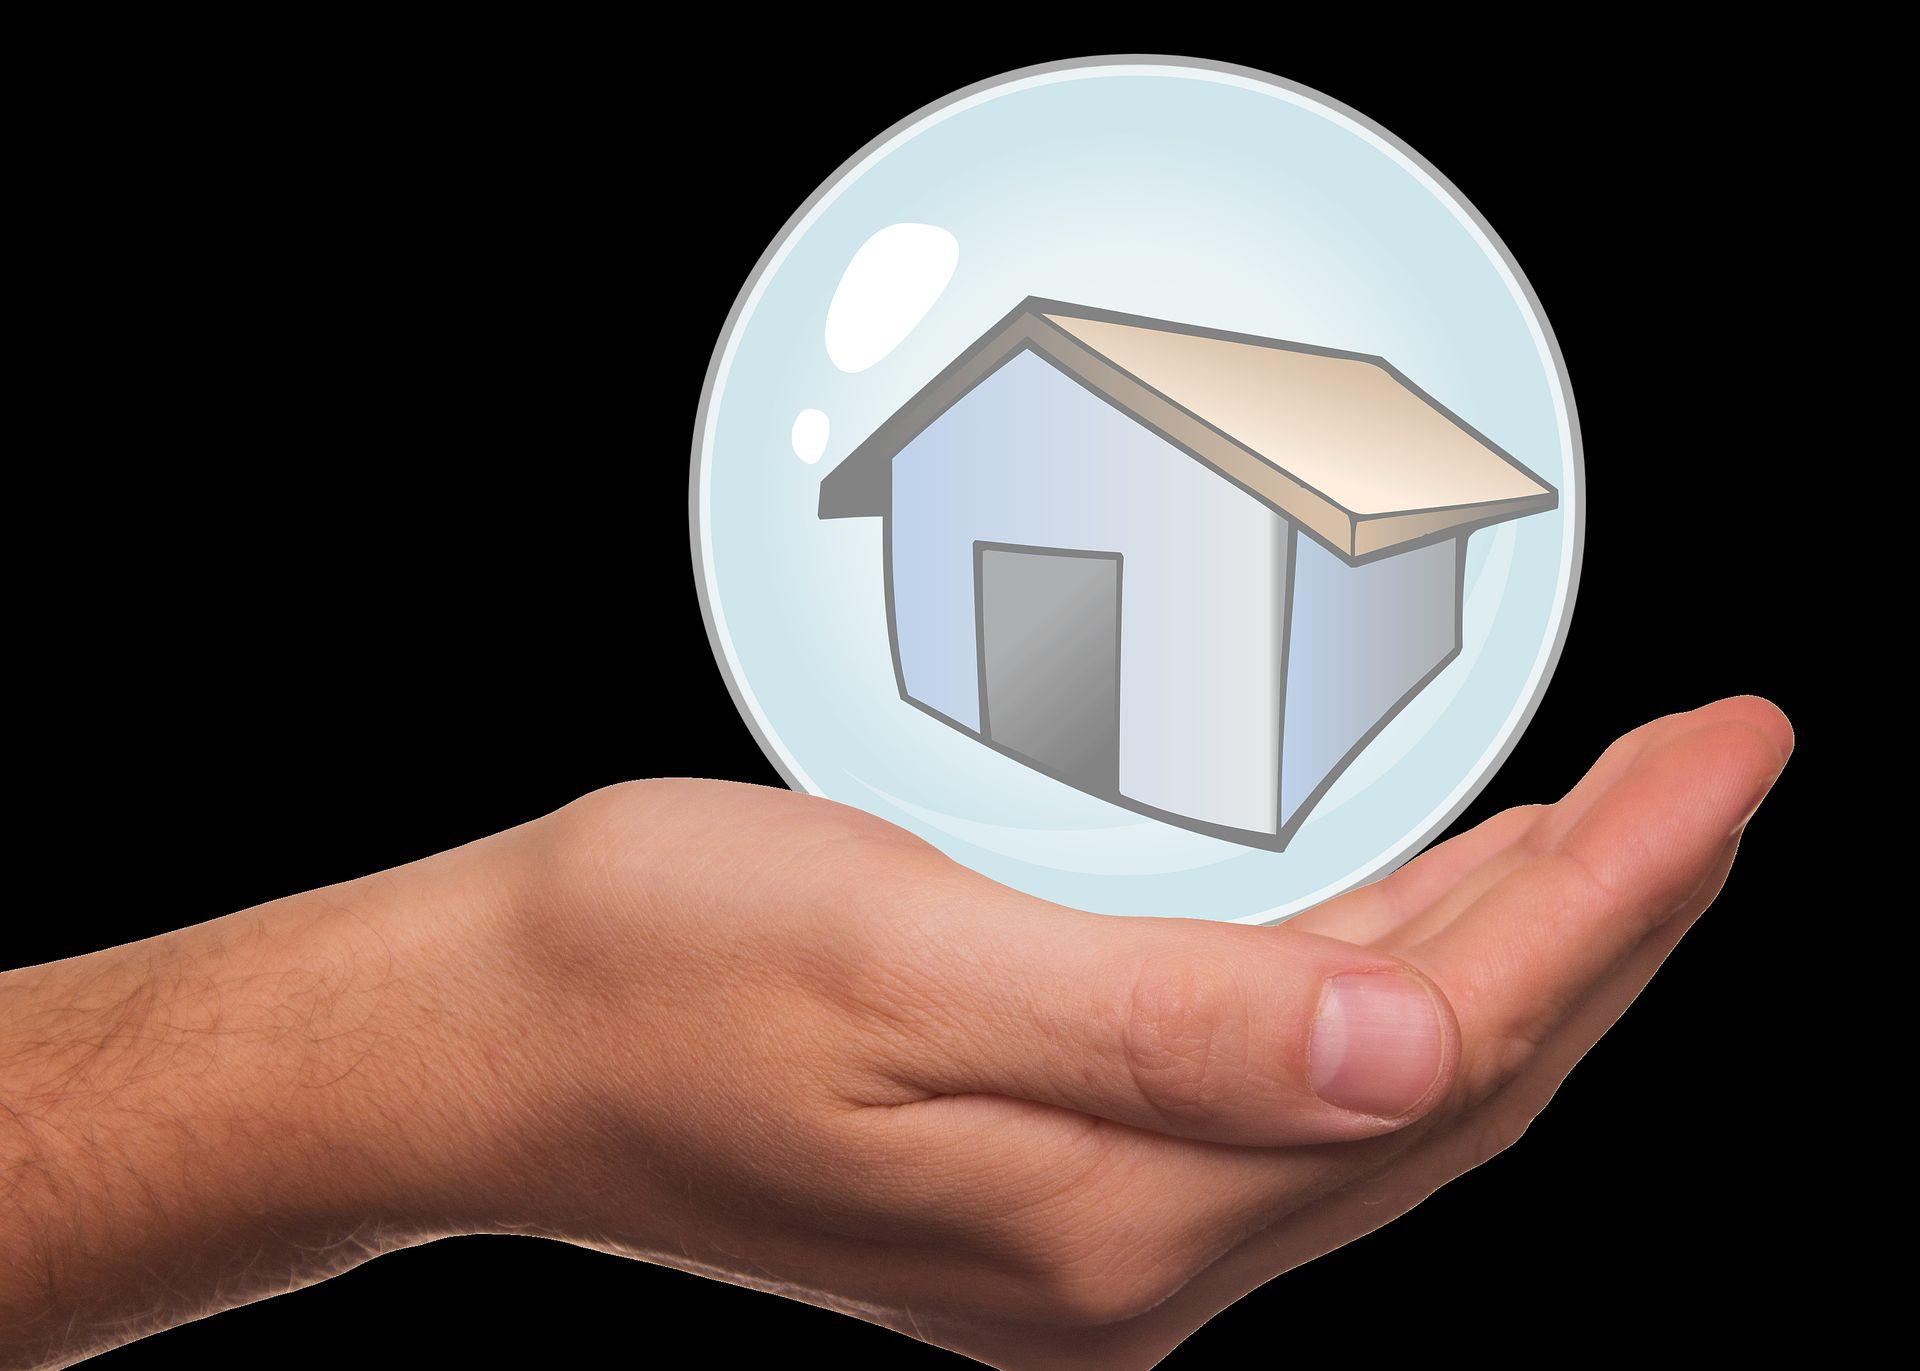 Assicurazione casa quando tutelarsi come e perch - Proteggere casa ...